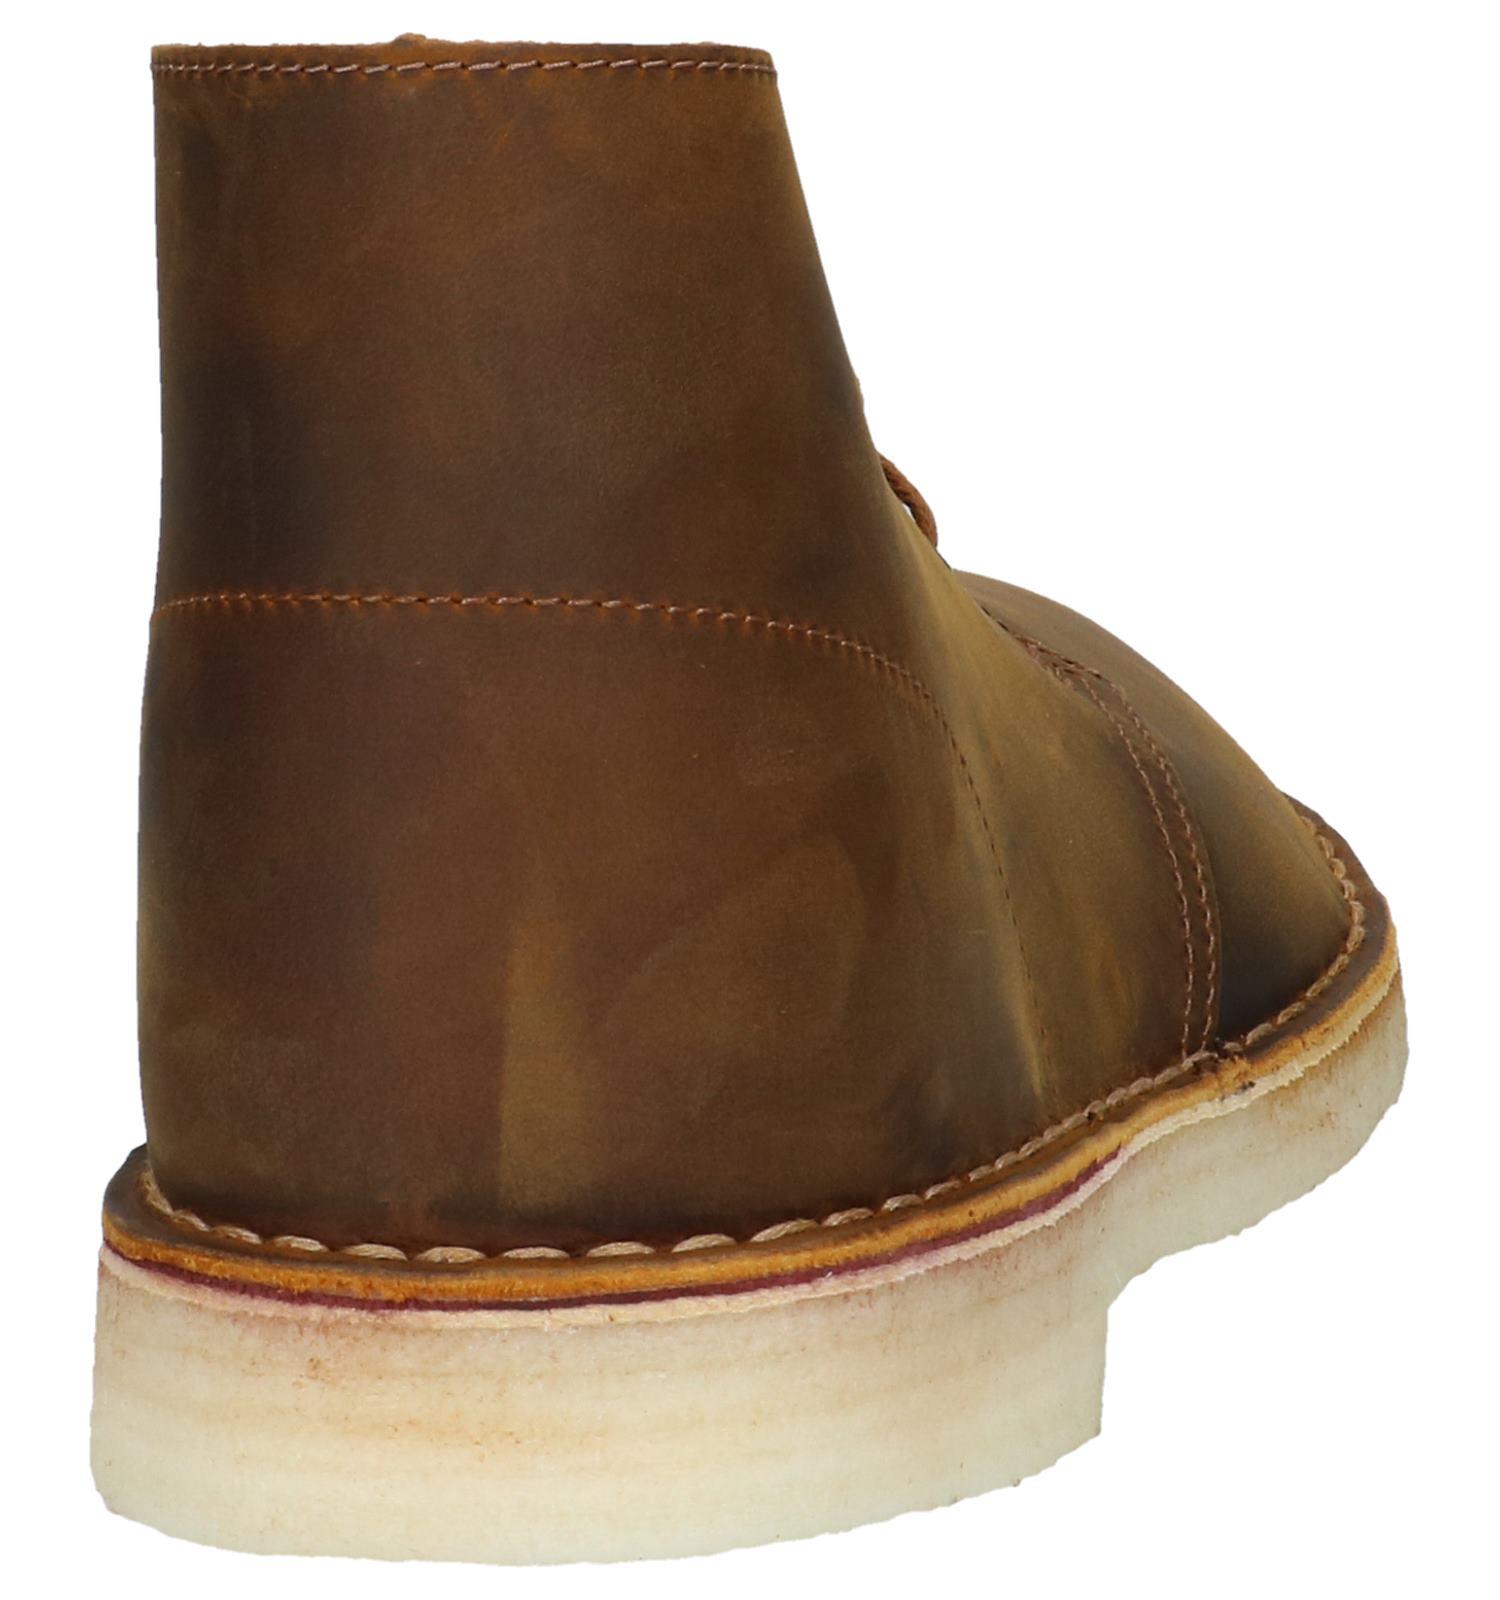 Clarks Desert Bruine Bruine Boots Clarks Boots Bruine Desert iuTOPZkwX